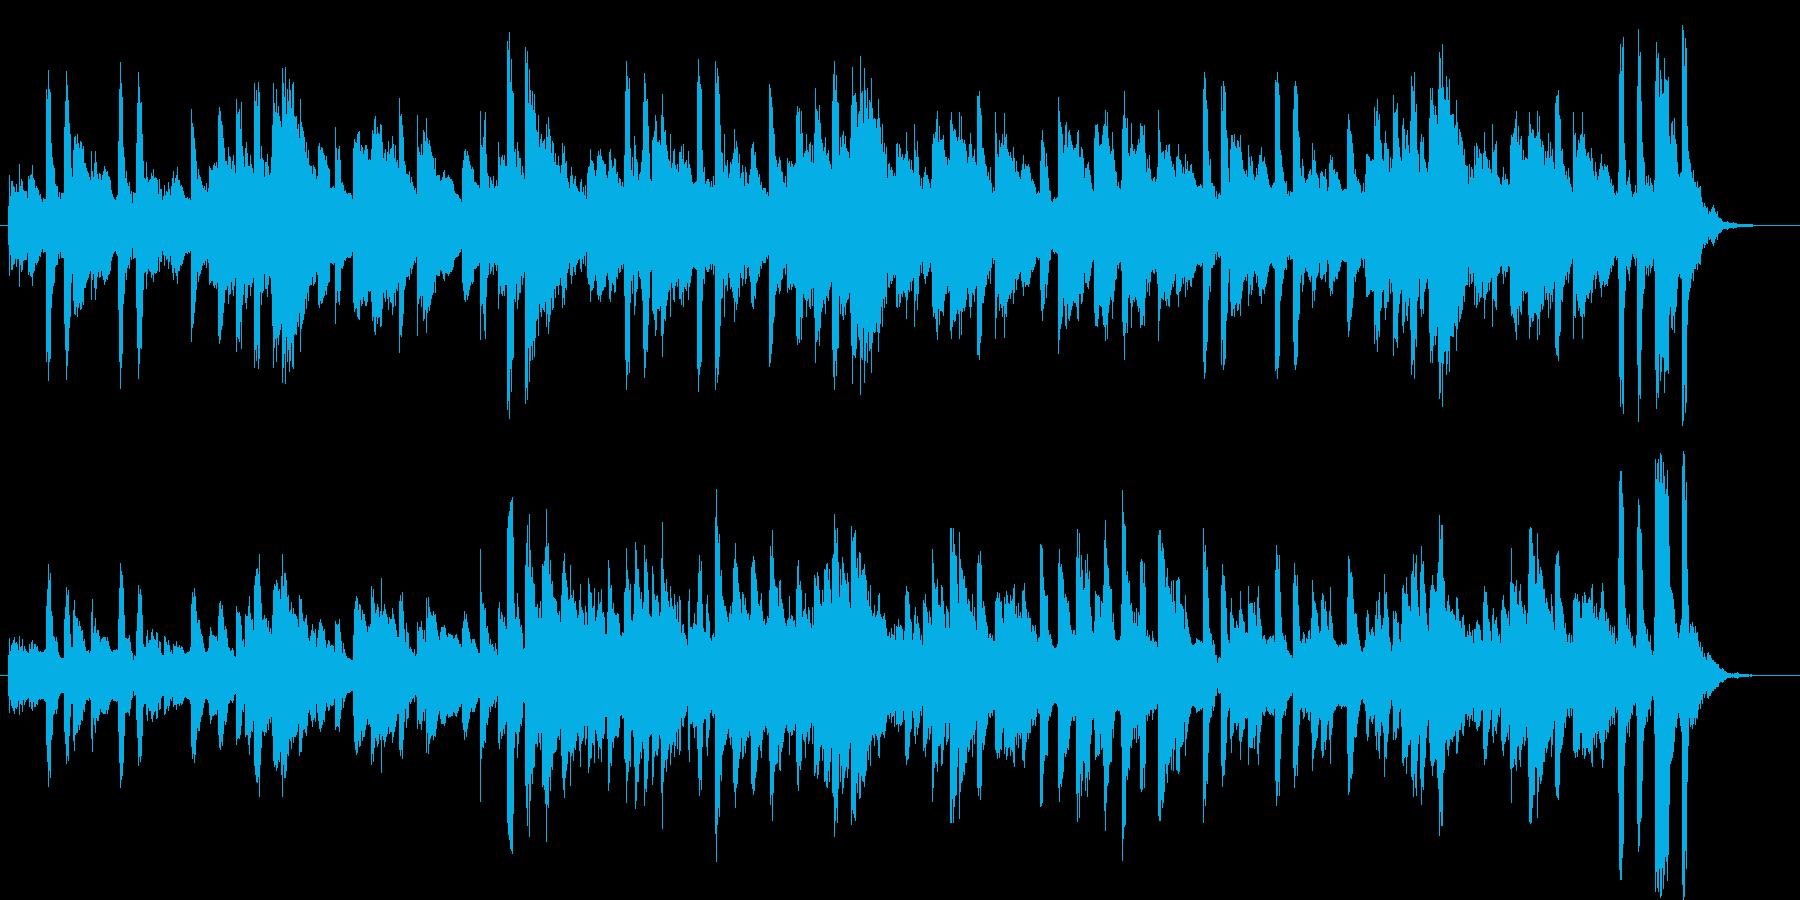 ギターとピアノのねこふんじゃったアレンジの再生済みの波形